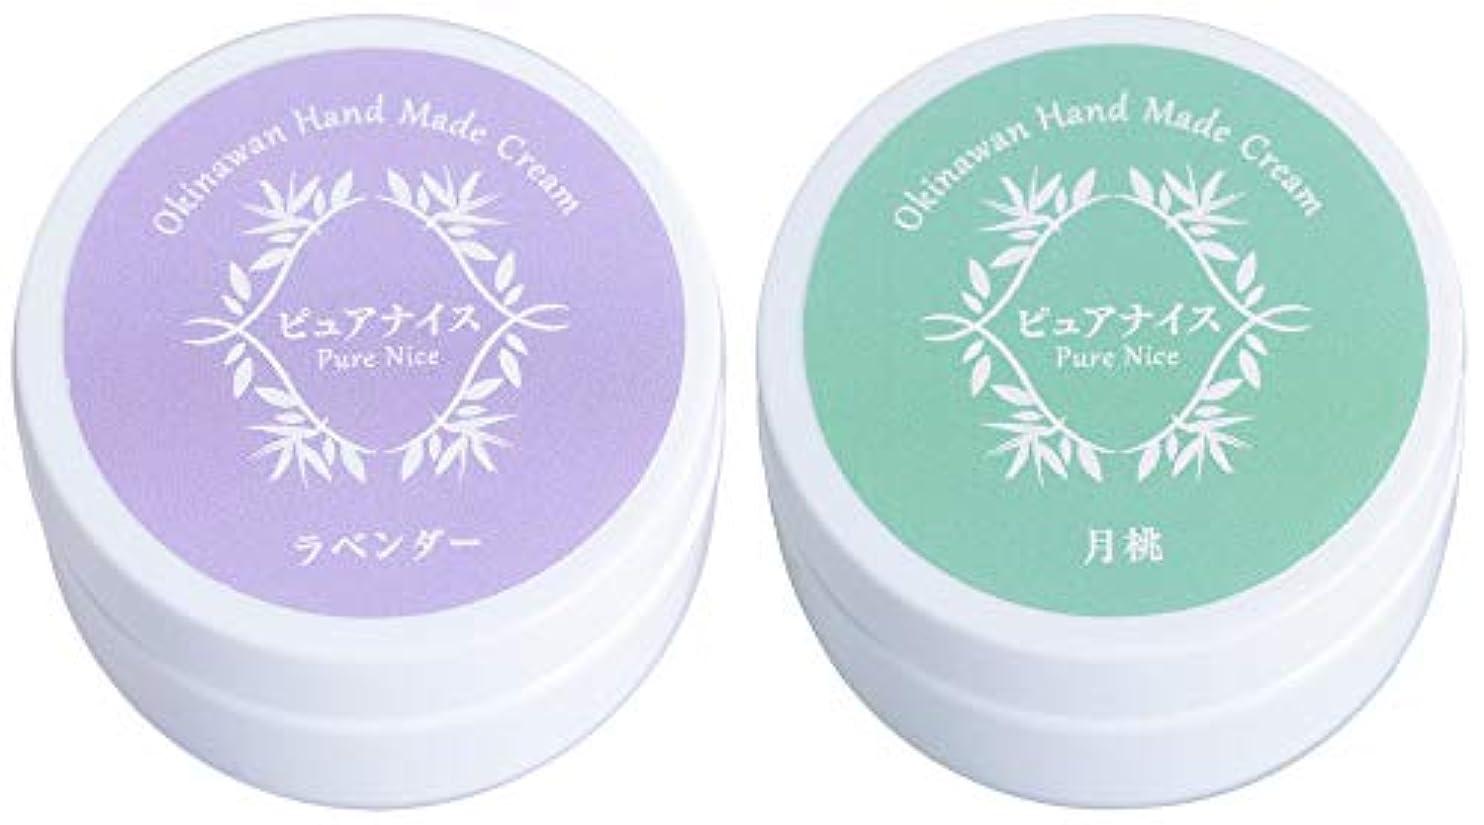 溶かす飢饉技術的なピュアナイス ボディクリーム 2個セット(ラベンダー、月桃)